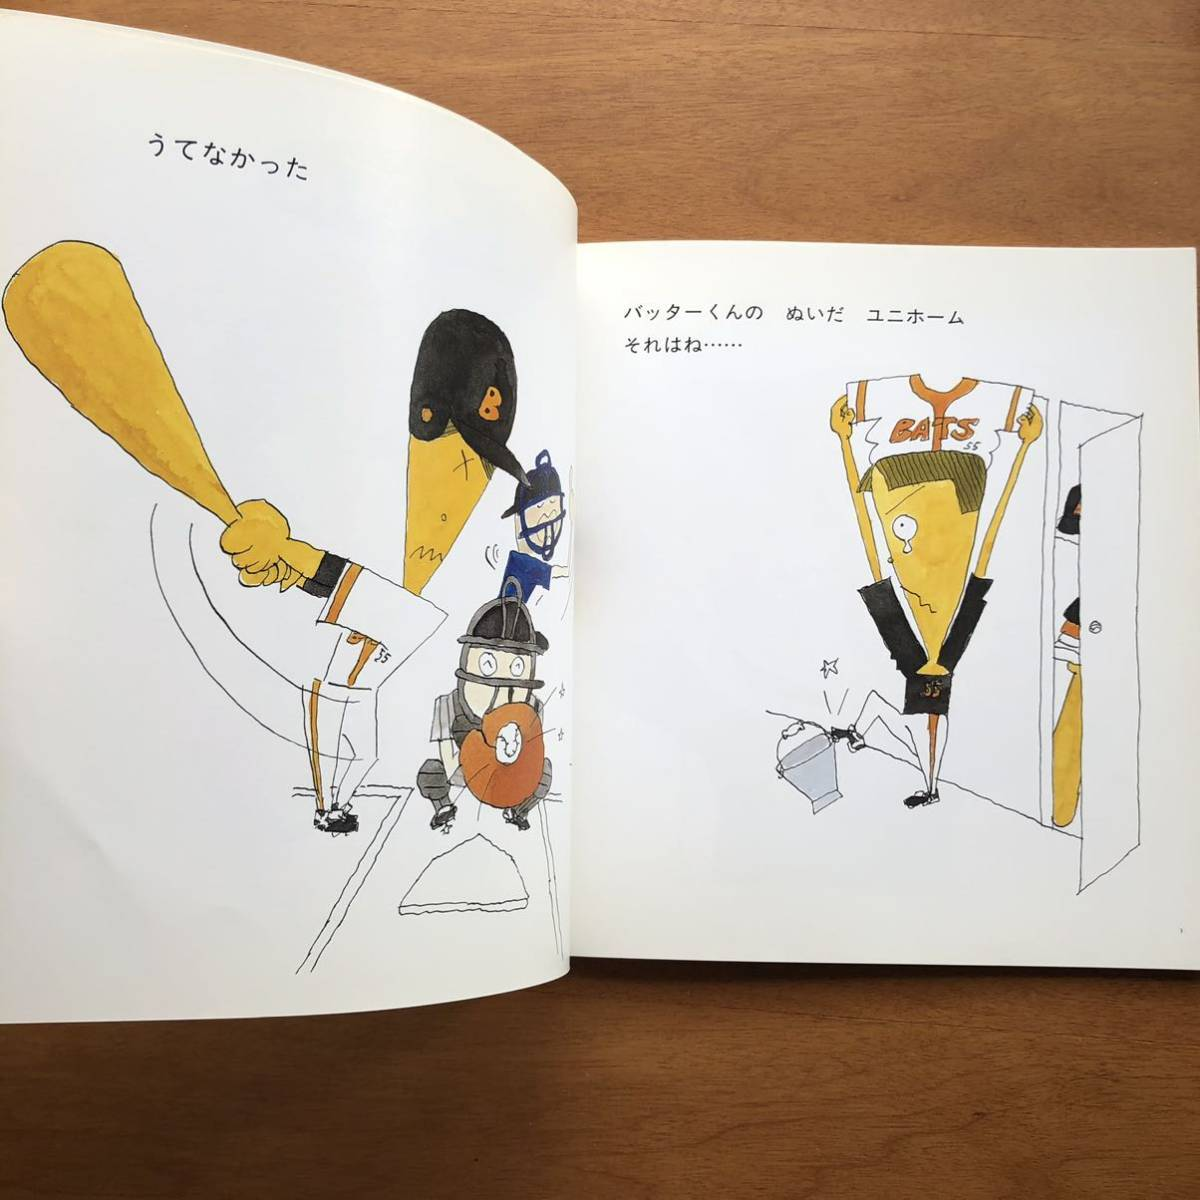 こどものとも年少版 バッターくん 織田道代 古川タク 2003年 初版 絶版 古い 絵本 育児 保育 読み聞かせ 幼児 野球 面白い